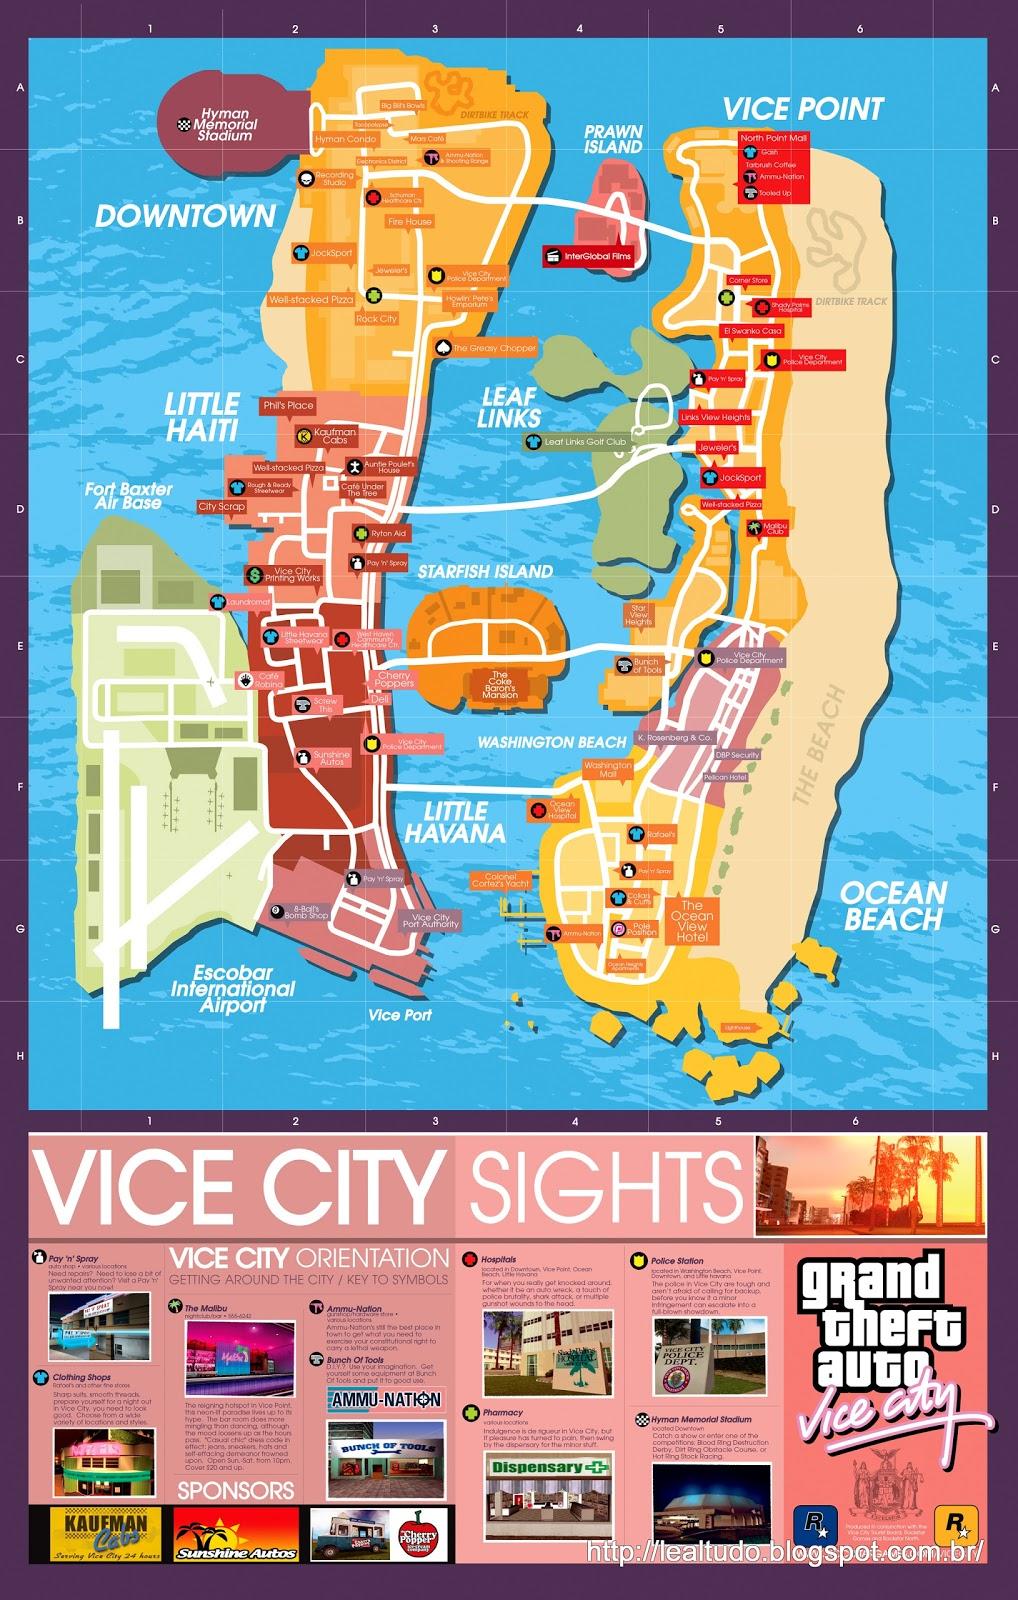 GTA VICECITY MAP - GTA VICE CITY MAP - GRAND THEFT AUTO VICE CITY MAP MAPA